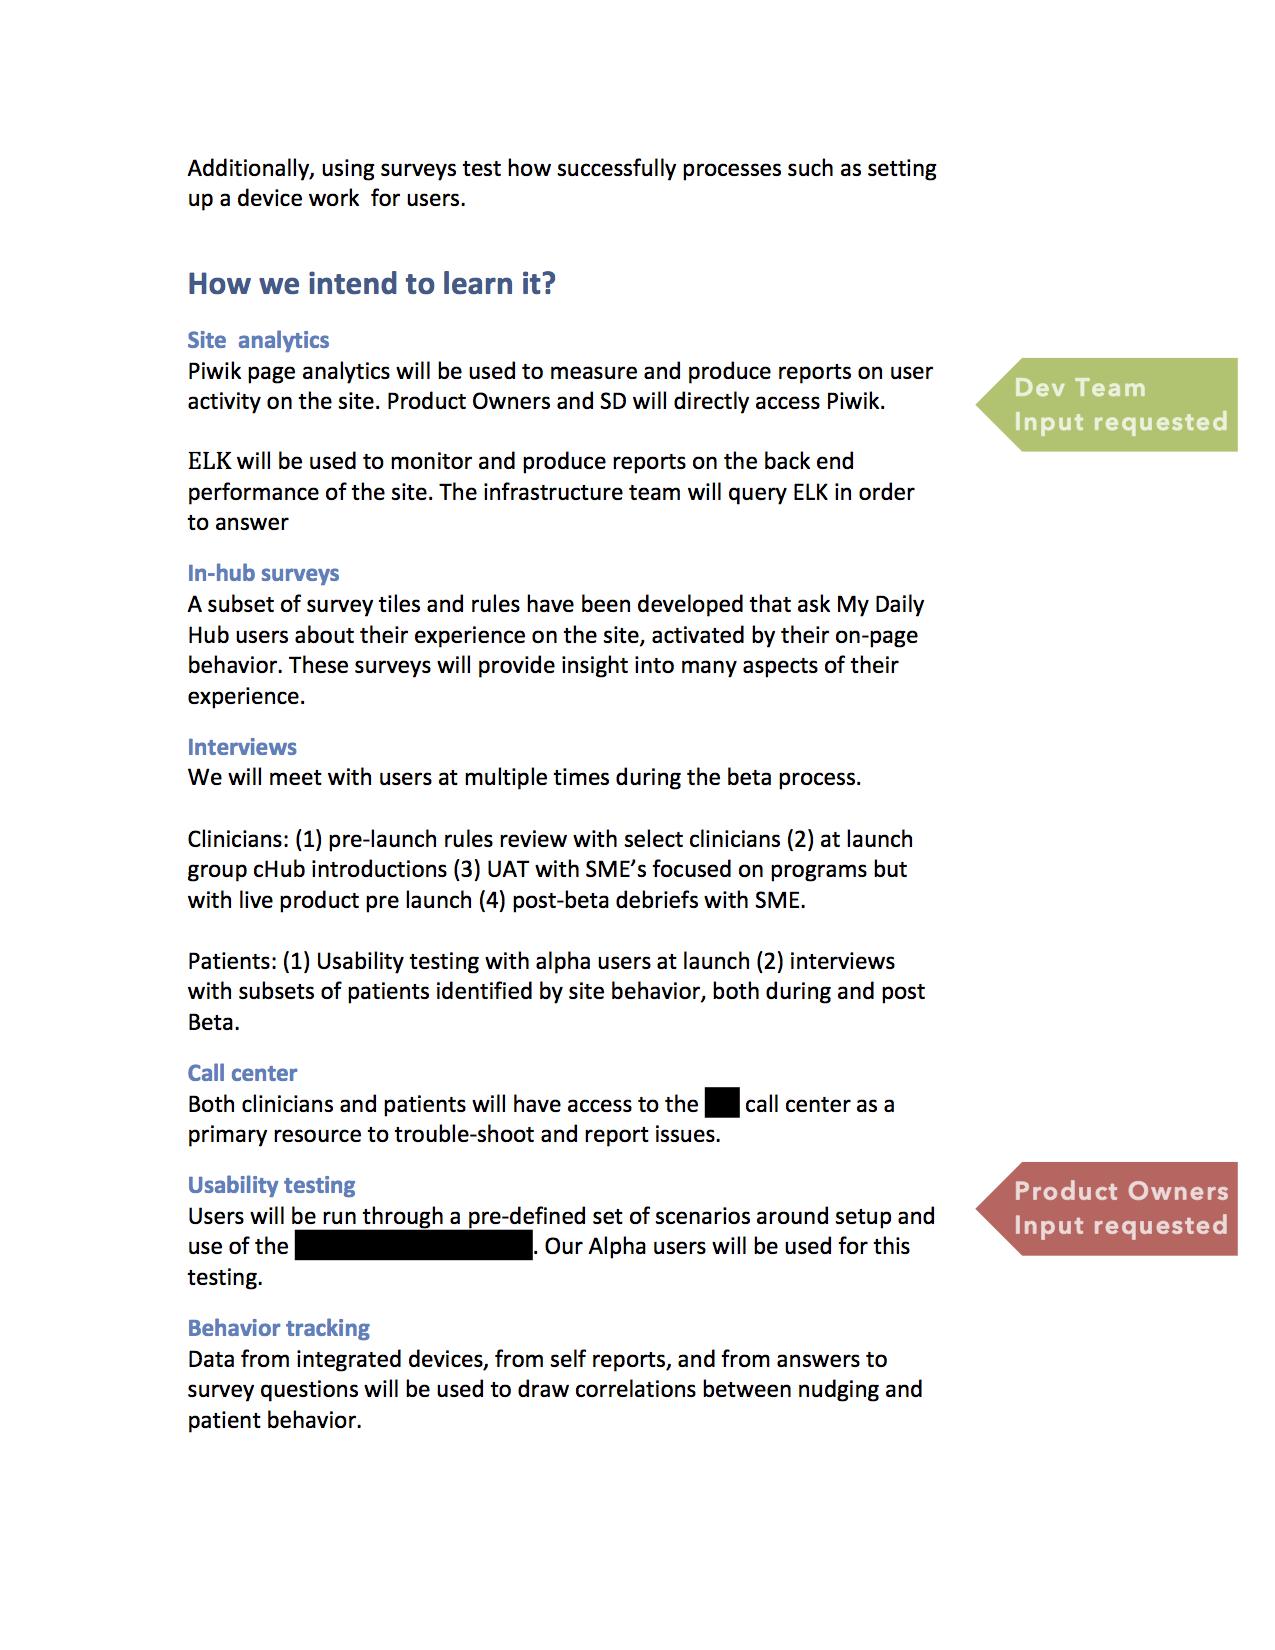 Beta Learning Plan (redacted)4.png